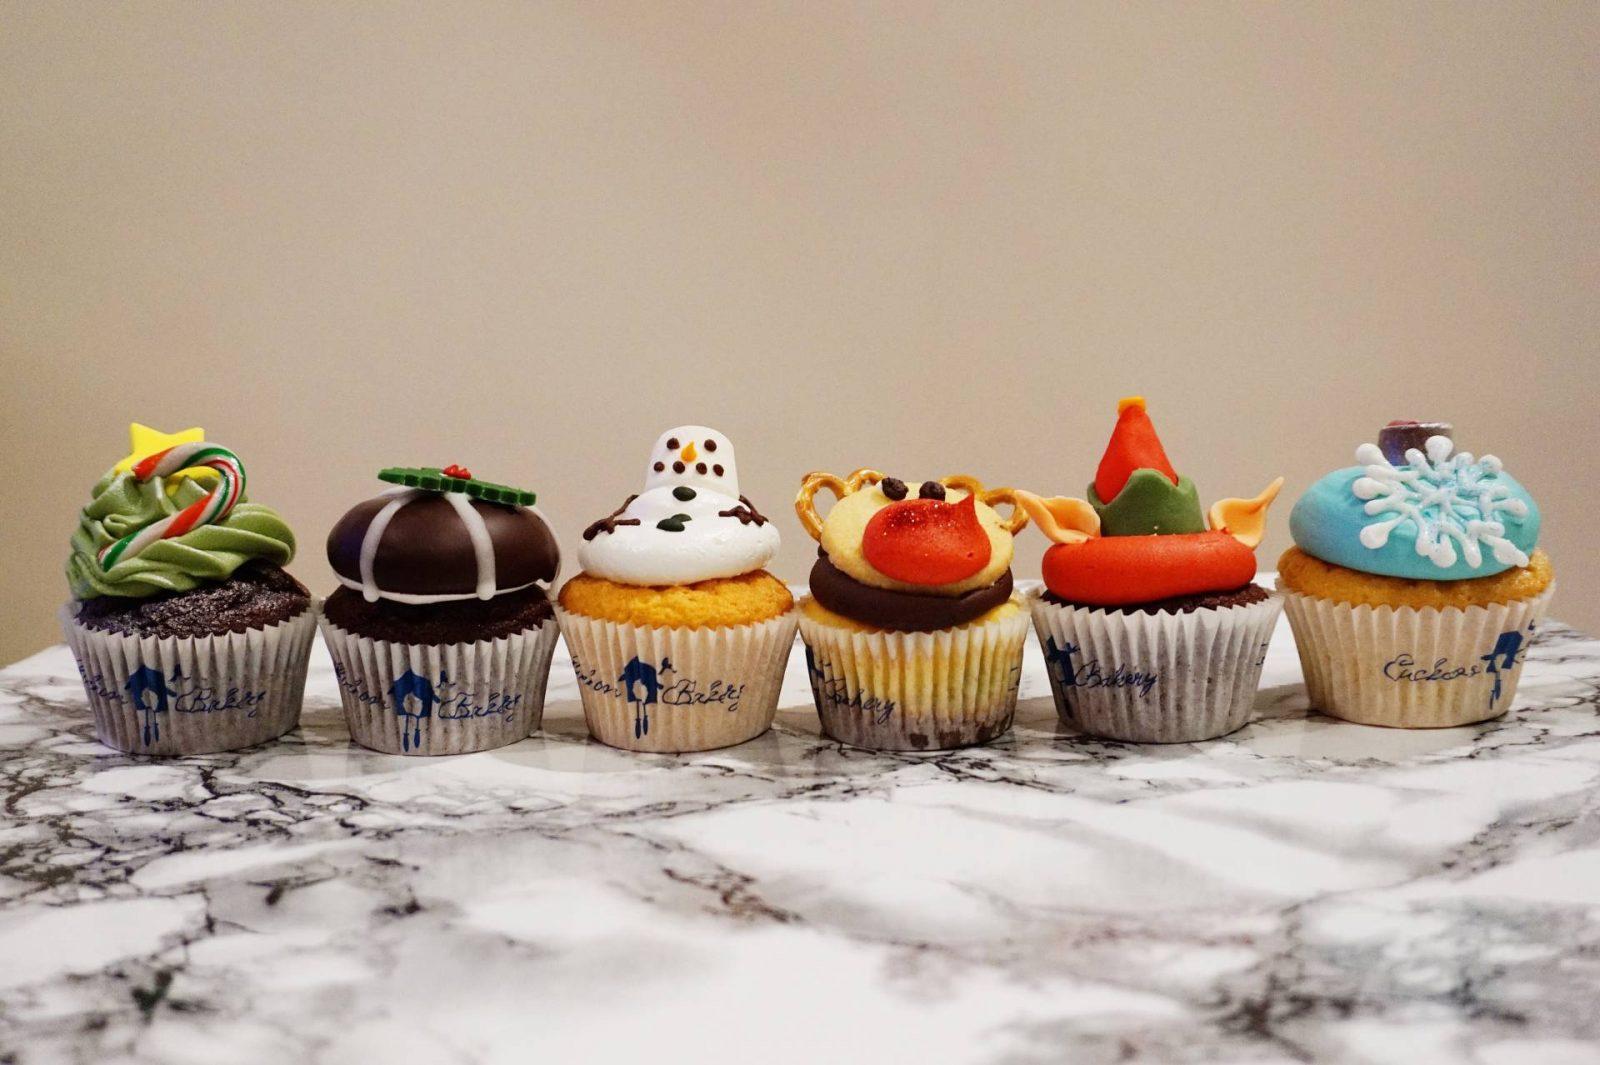 Christmas Cupcakes at Cuckoo's Bakery